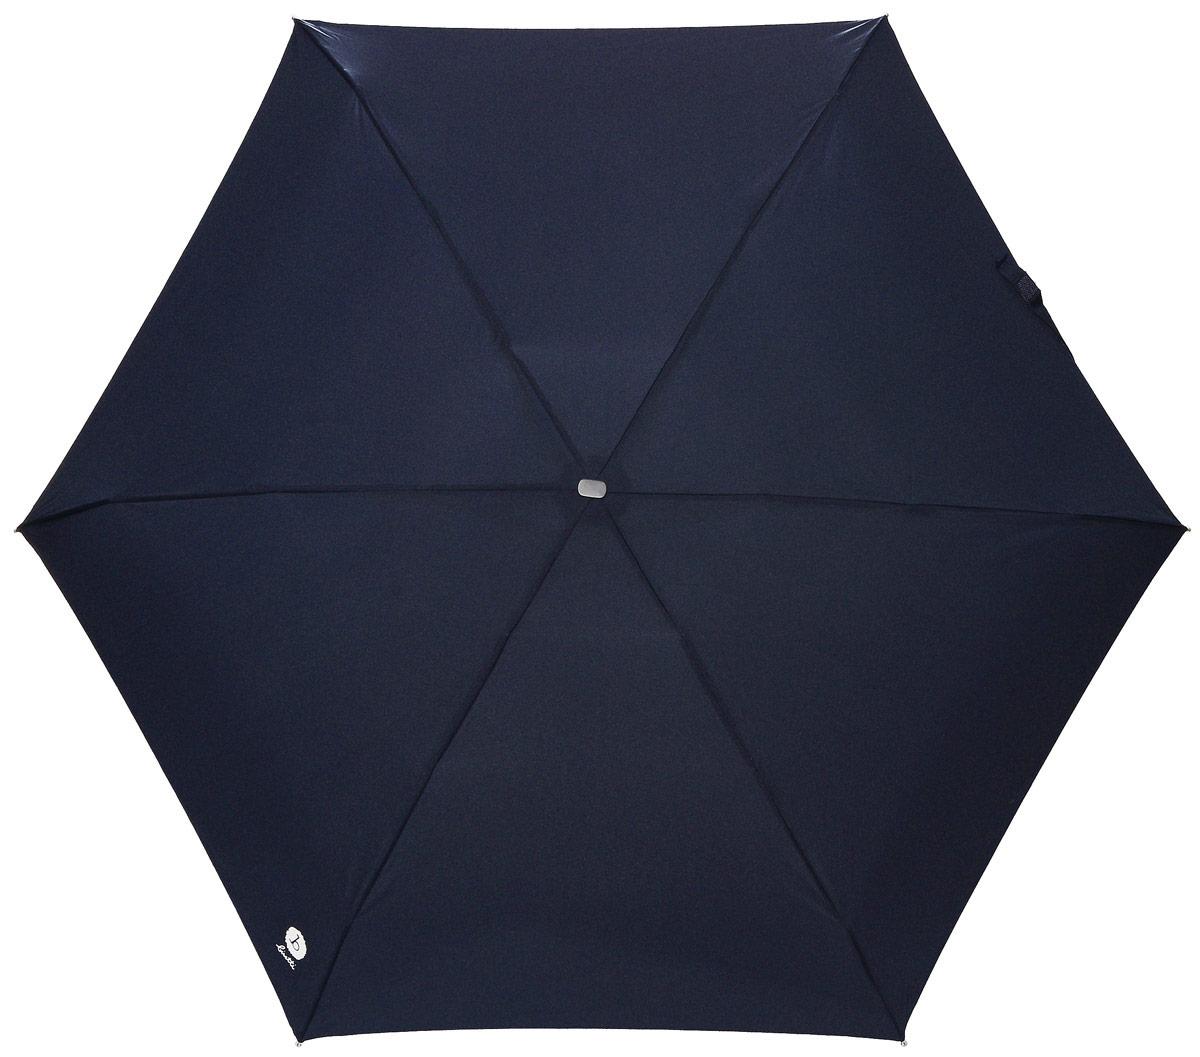 Bisetti 3569-1 Зонт механический 5 сл. жен.3569-1Зонт испанского производителя Clima. В производстве зонтов используются современные материалы, что делает зонты легкими, но в то же время крепкими.Механический, 5 сложений, 7 спиц по 53см, полиэстер.